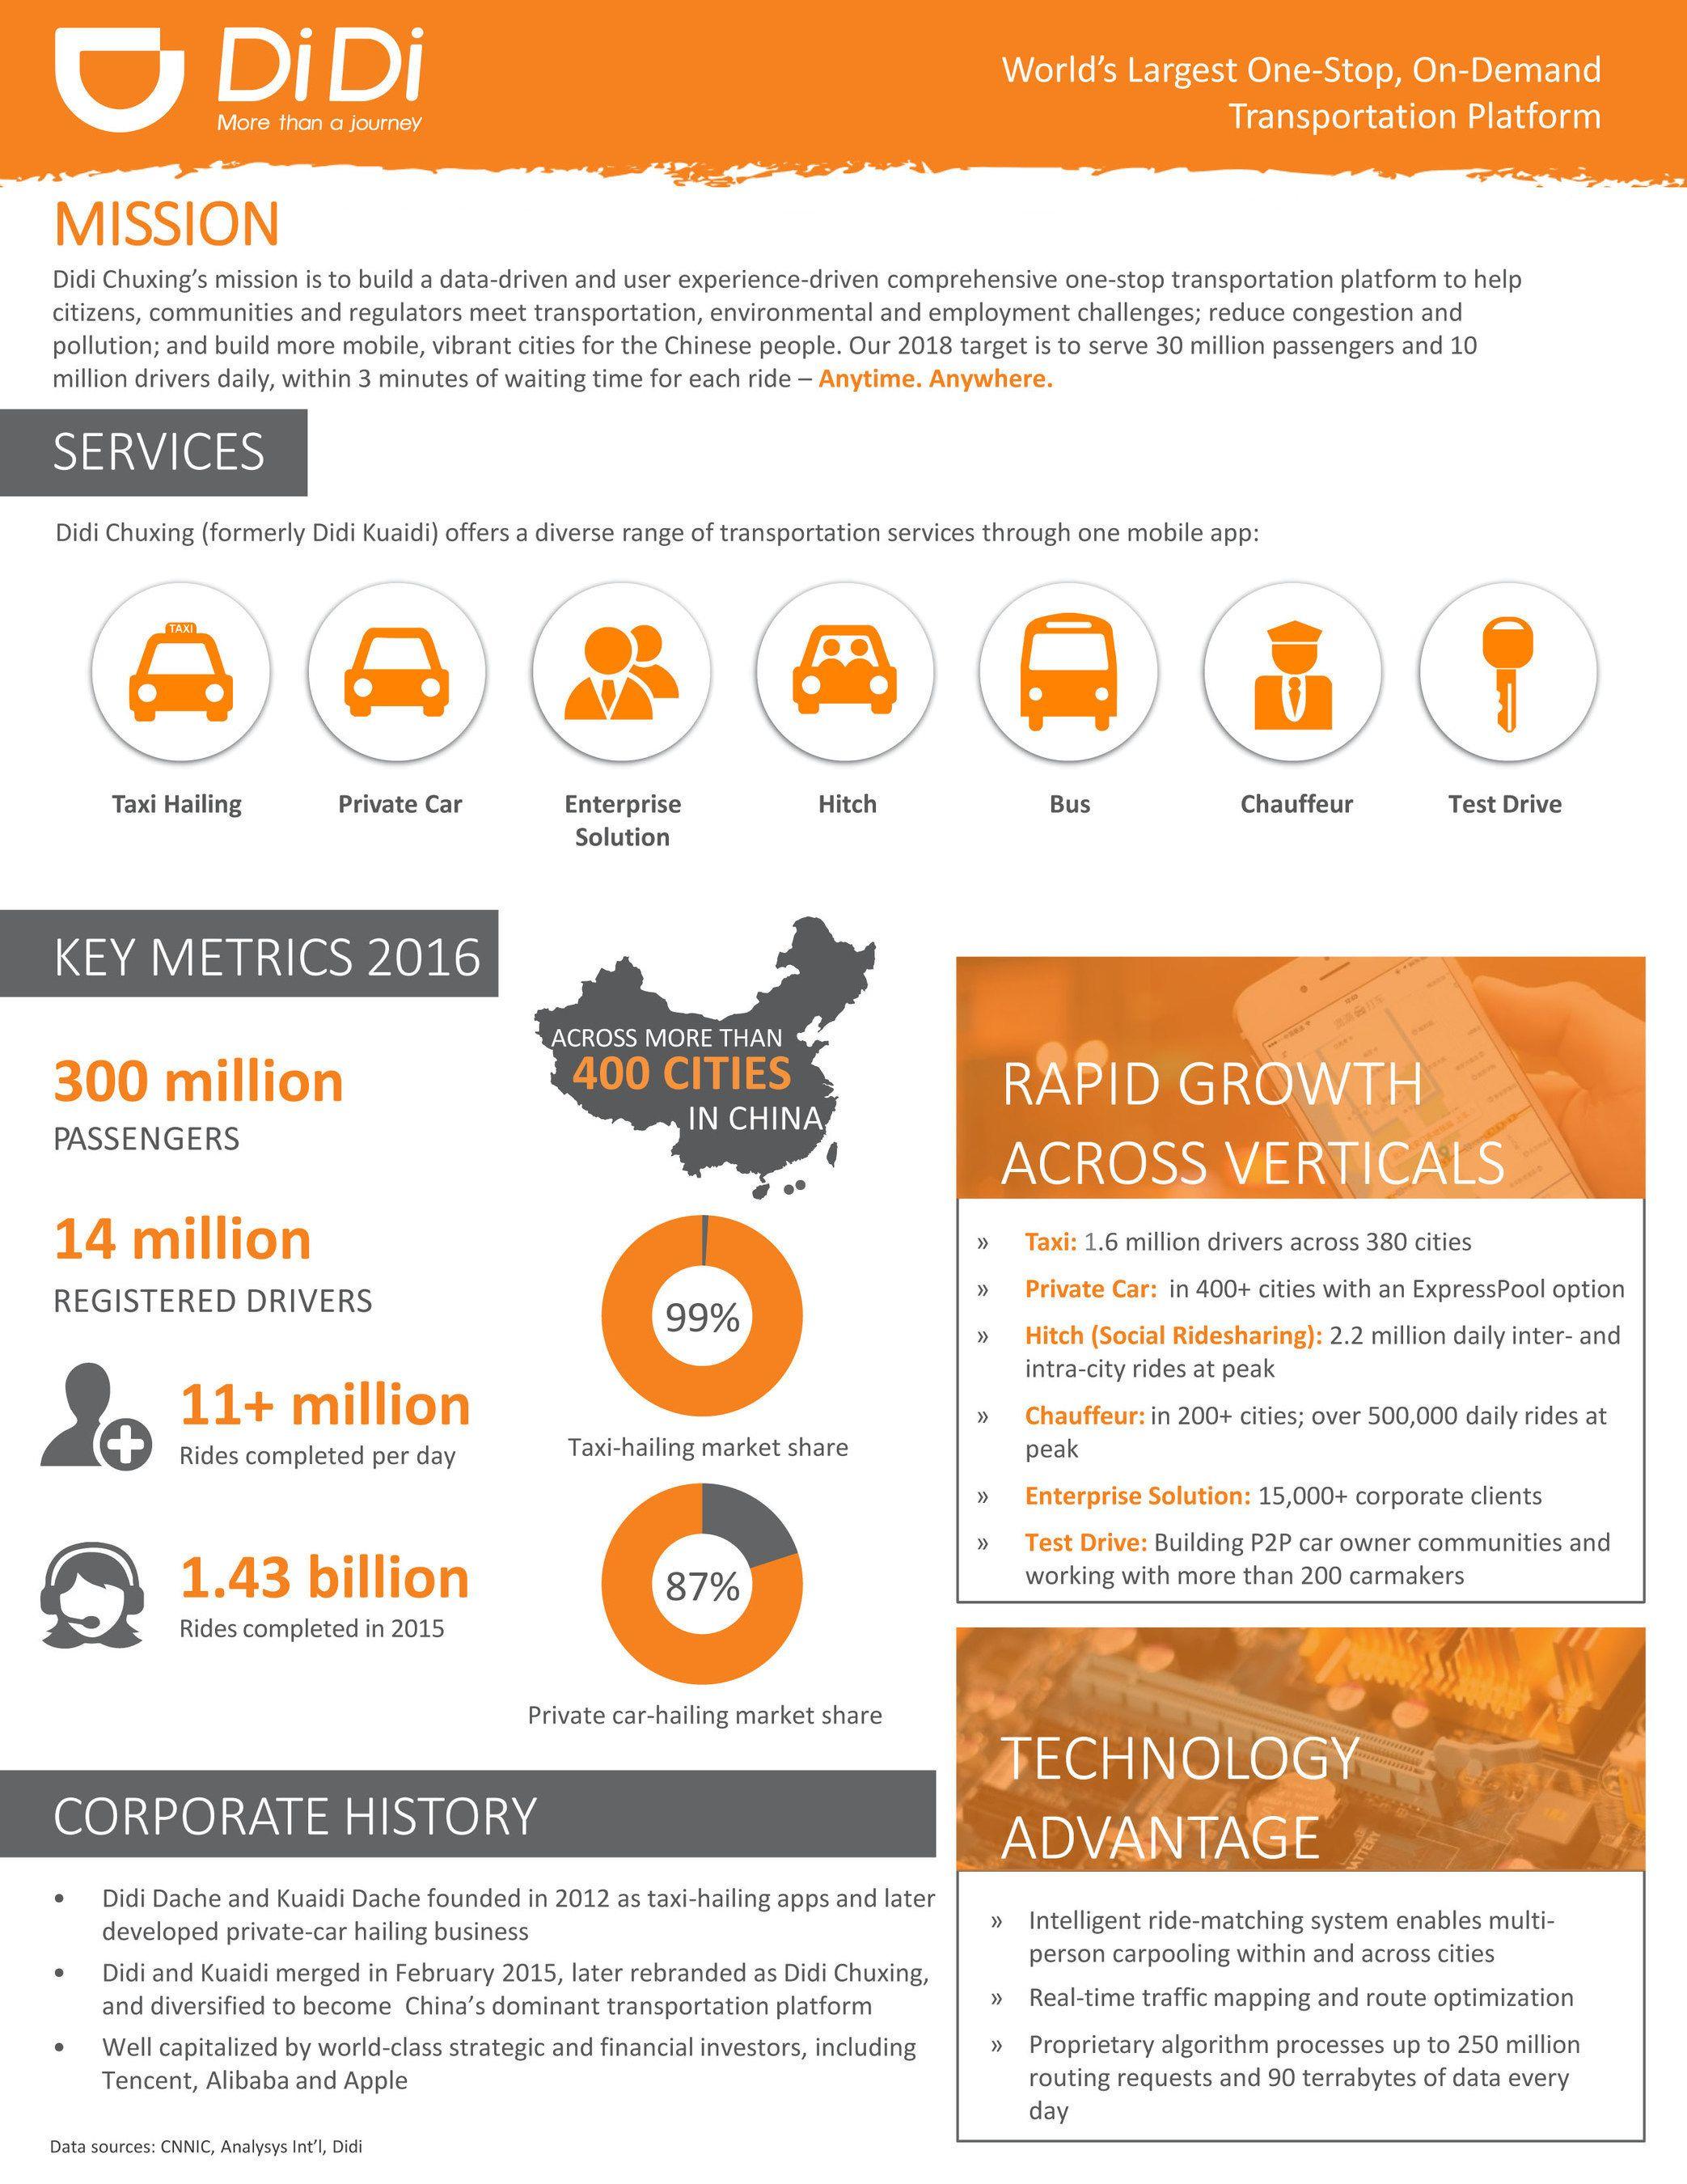 Didi Chuxing Factsheet